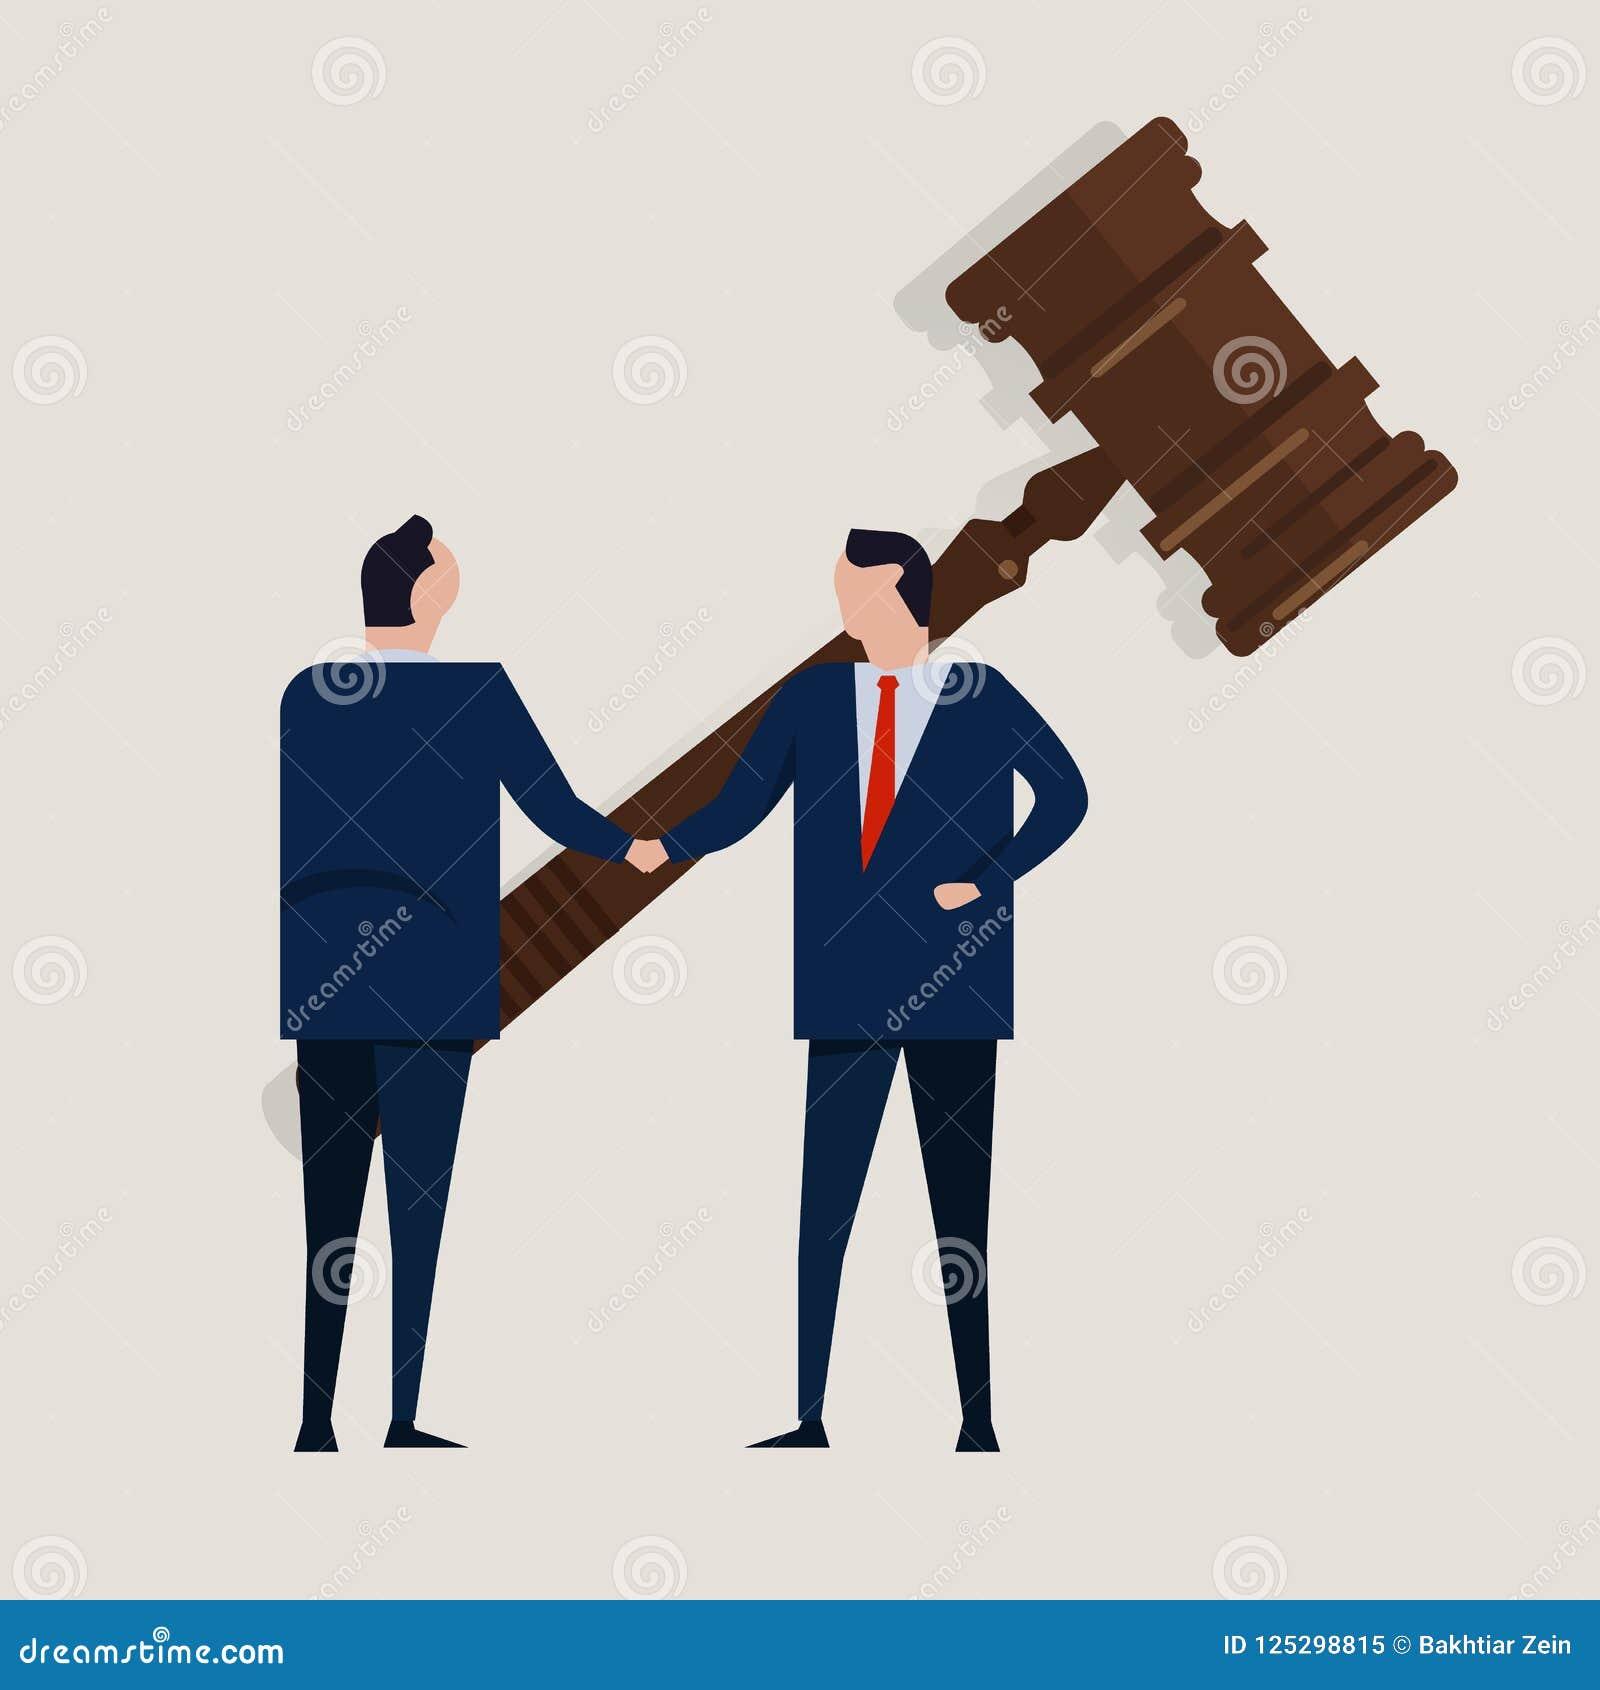 商业法法律合同人协议常设握手佩带的随员正式与大惊堂木解决法院